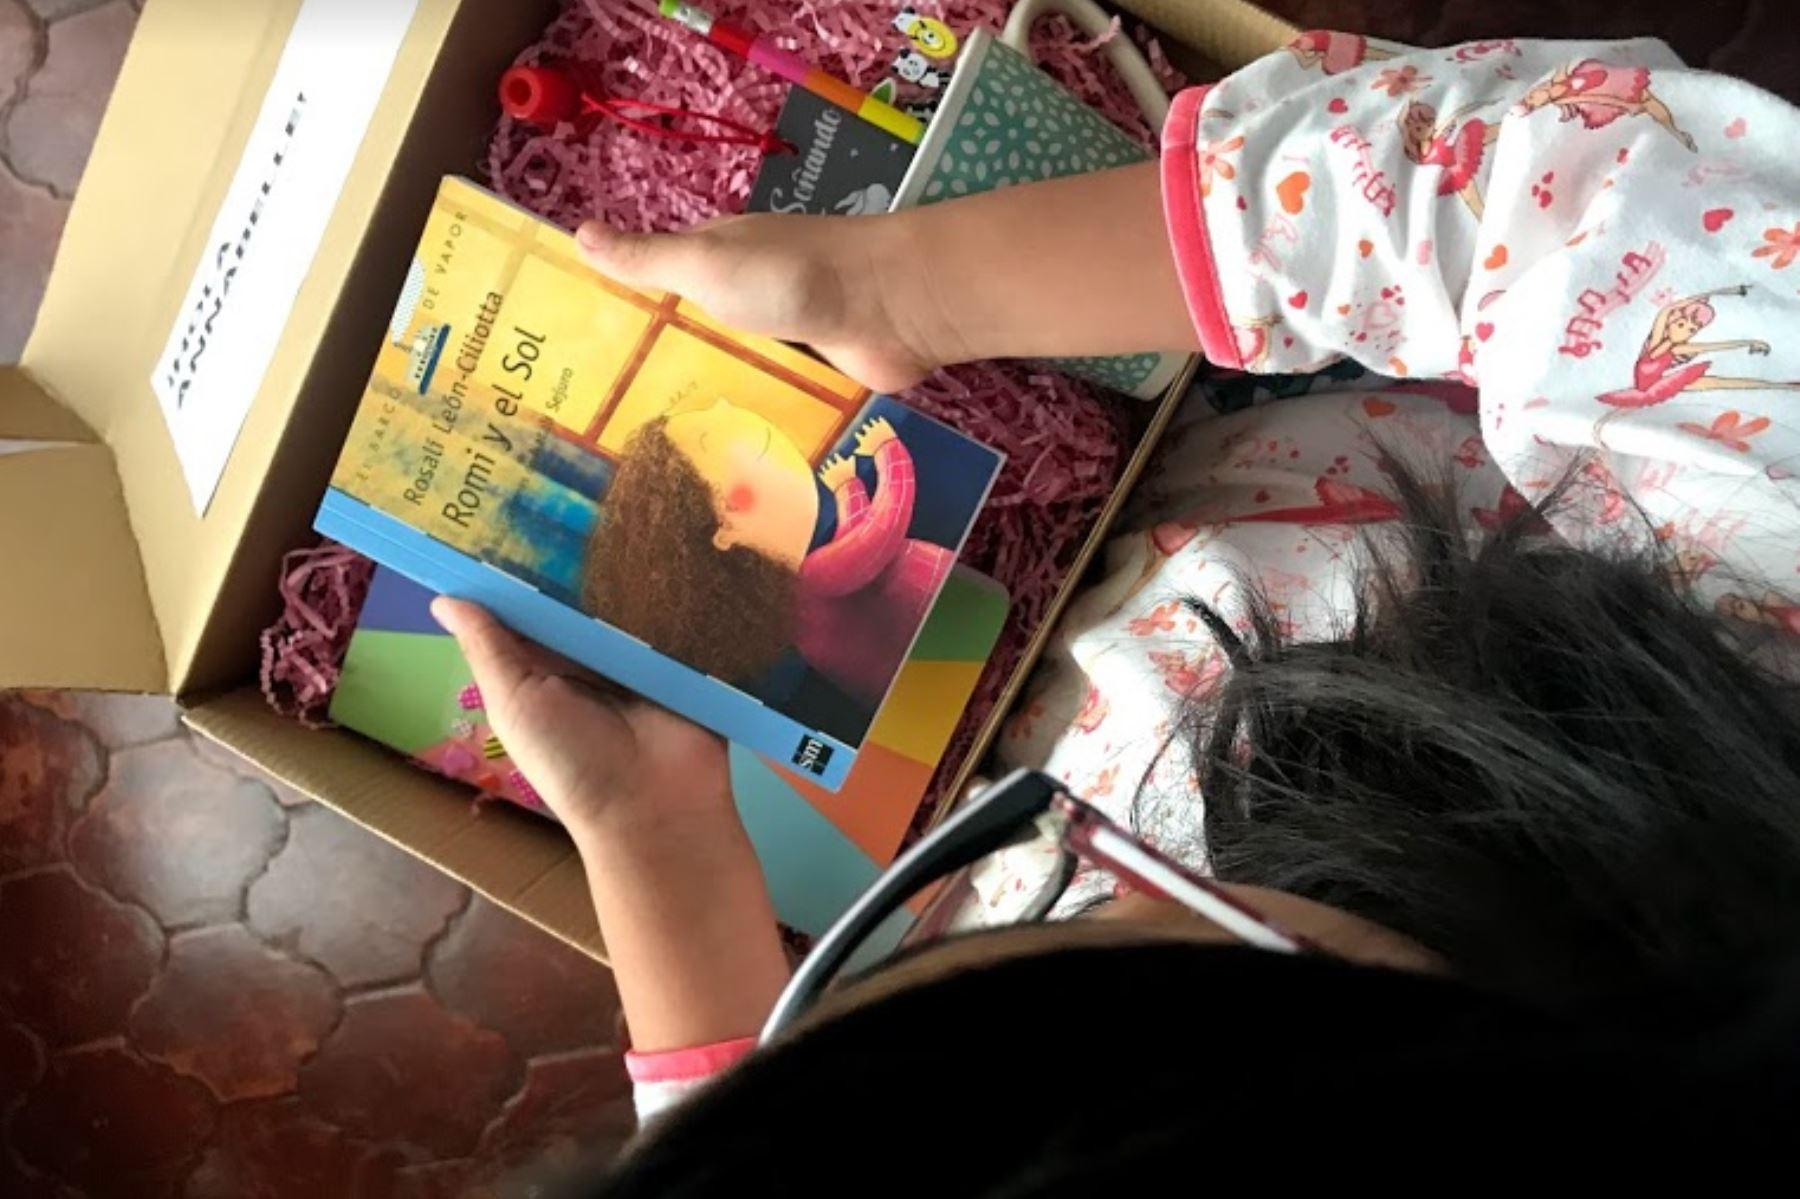 Cada menor recibe un kit especial de lectura, que contiene un libro seleccionado del mes, dinámicas de aprendizajes y elementos que harán más divertidas sus sesiones. ANDINA/Andina